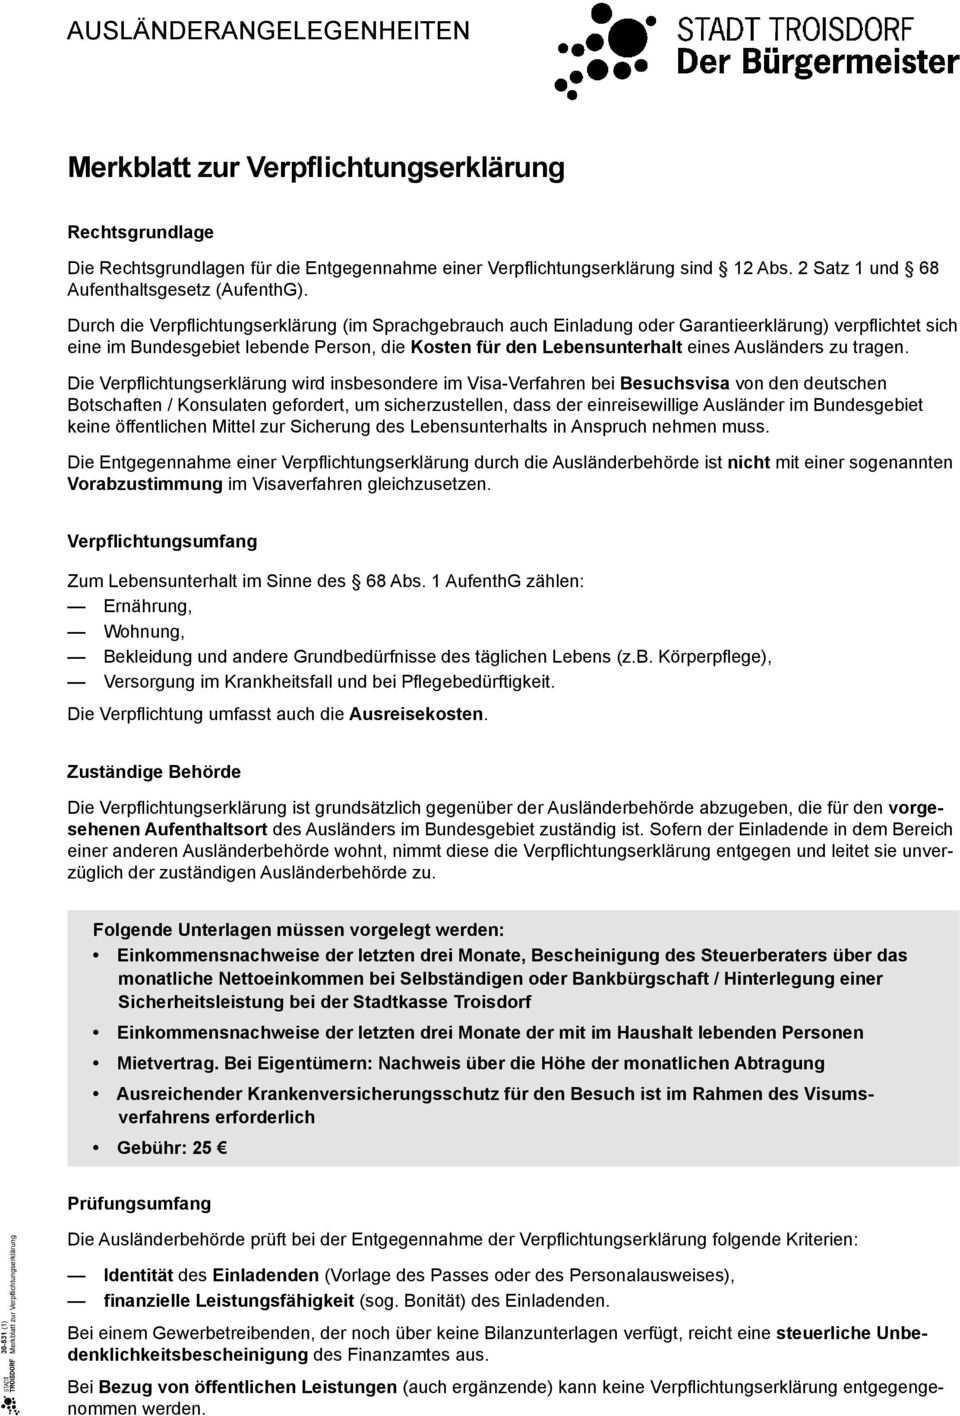 Merkblatt Zur Verpflichtungserklarung Pdf Kostenfreier Download